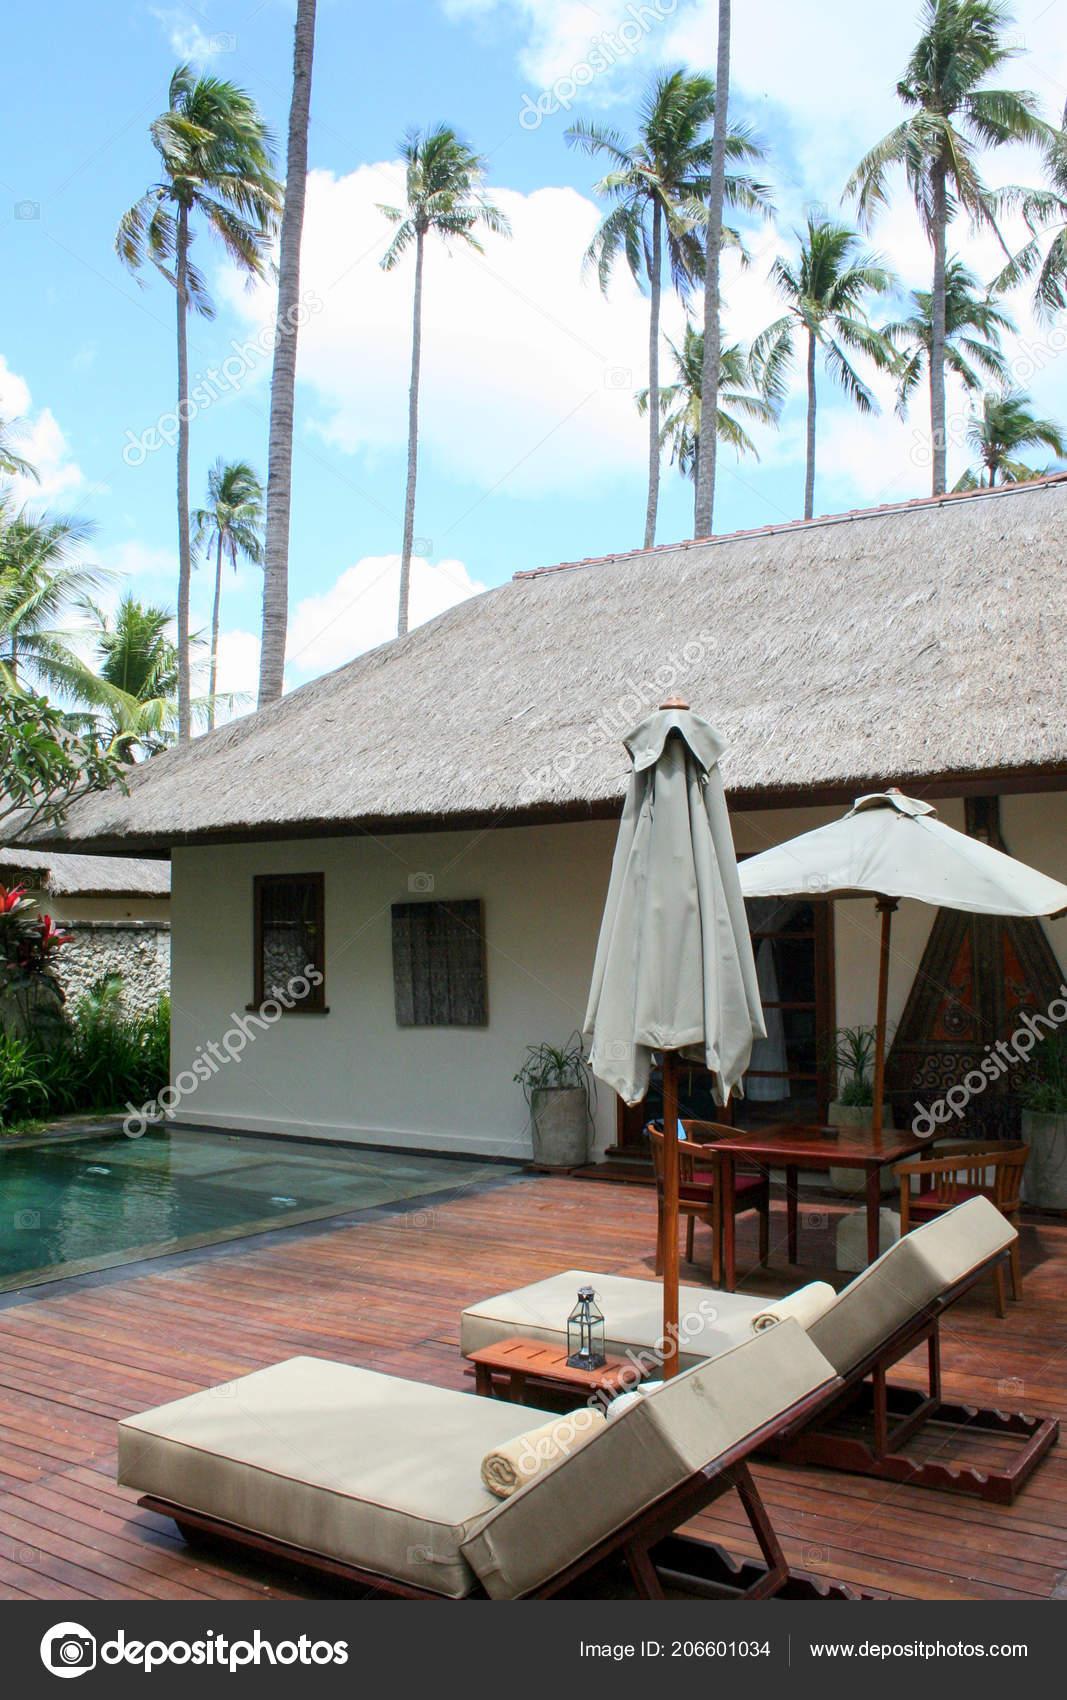 2009 Ubud Bali Sunbeds Umbrellas Swimming Pool Palm Trees